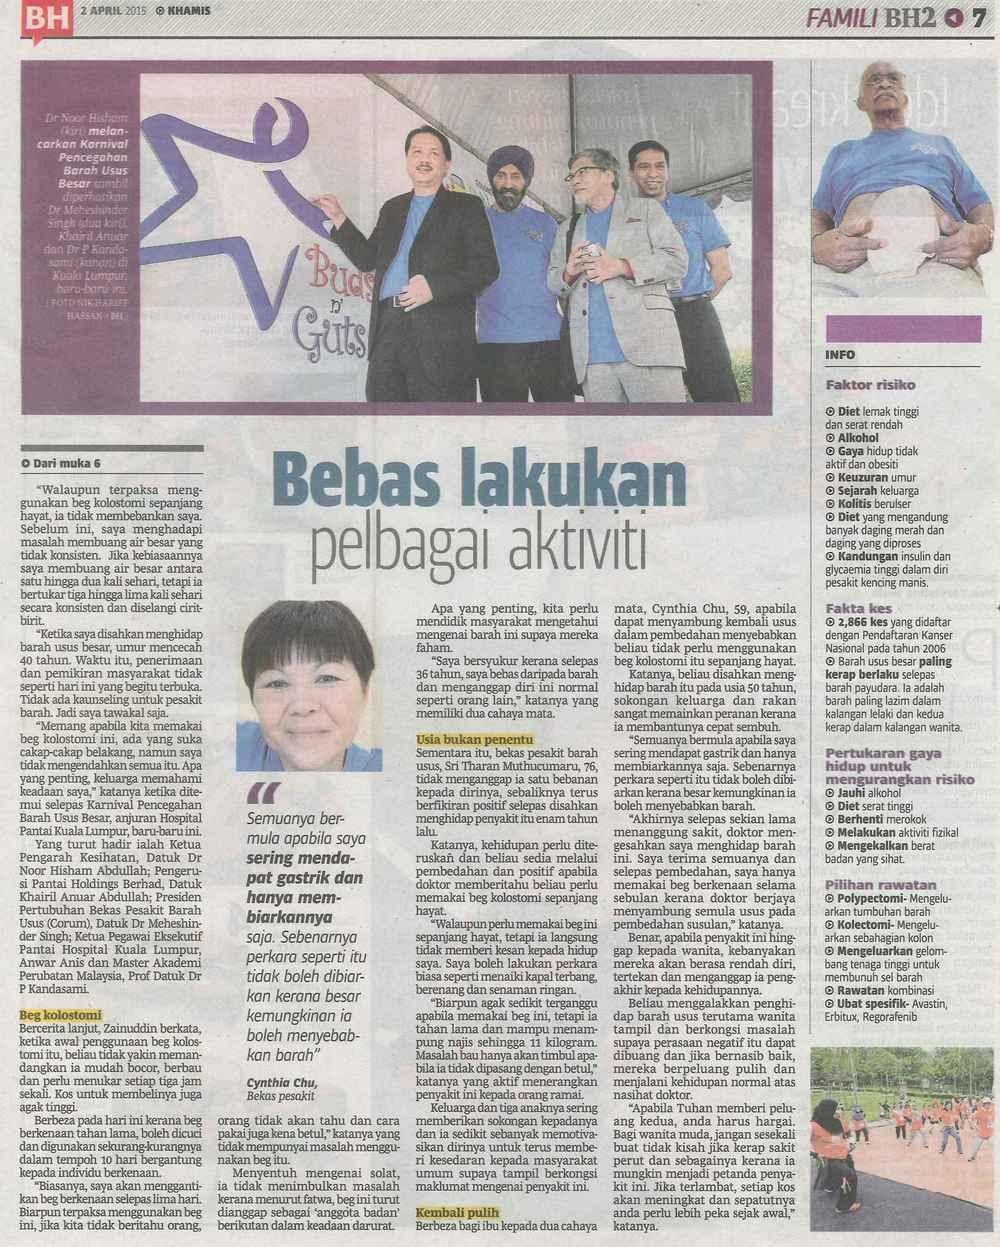 April 2015 - Berita Harian, Malaysia